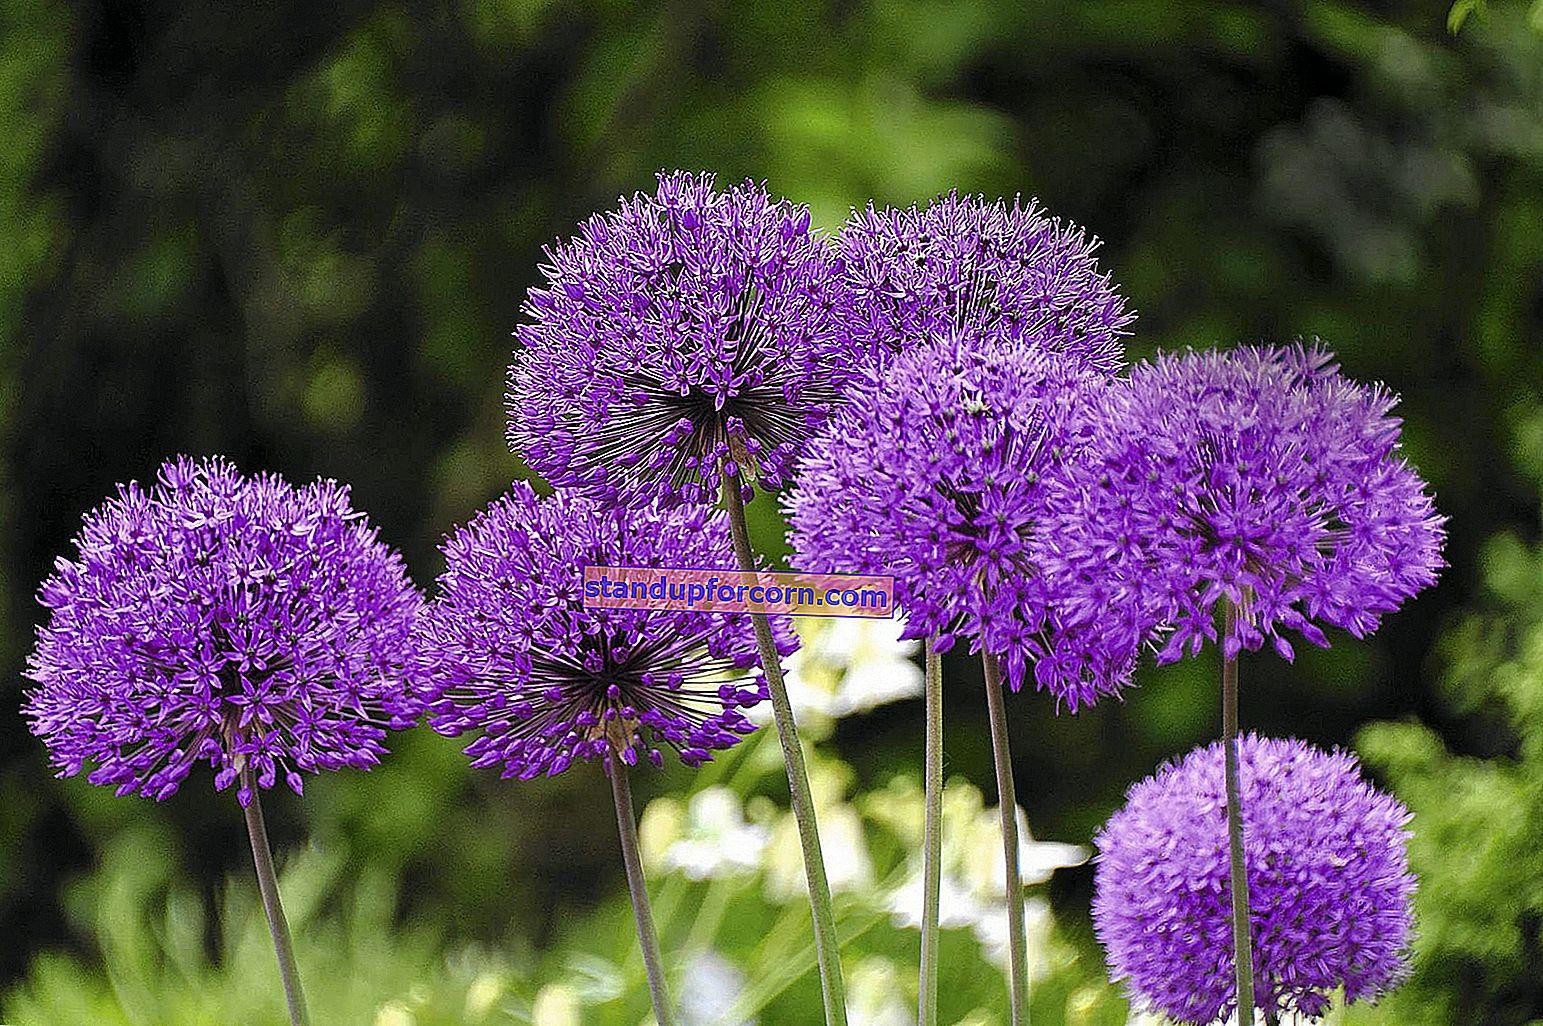 Høstens vinteritt - dyrking, varianter, reproduksjon